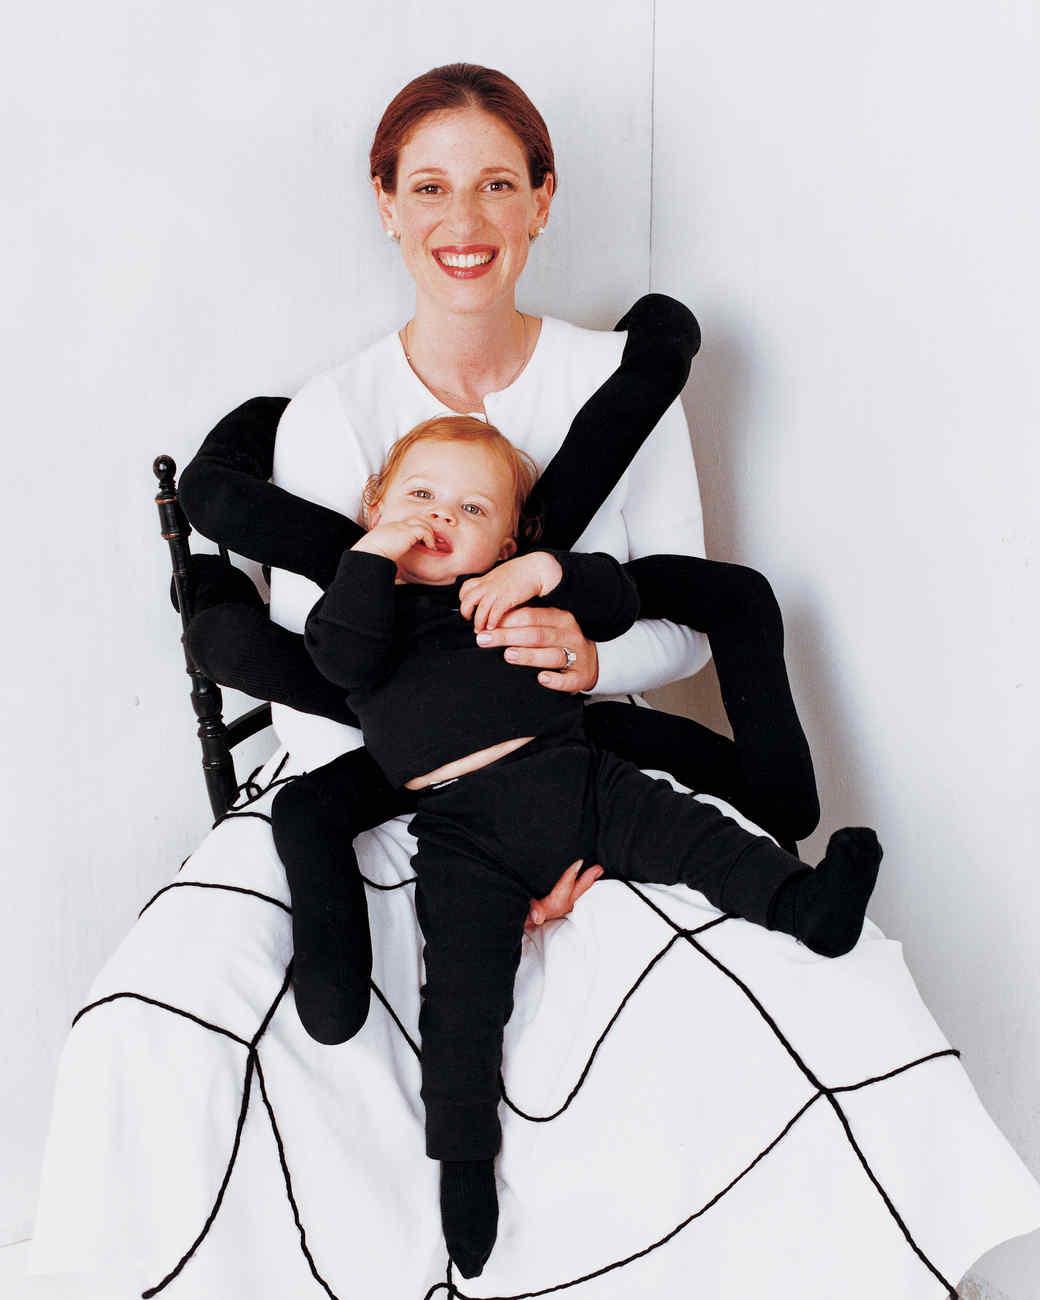 sc 1 st  Martha Stewart & Spiderweb Mother and Sock Spider Baby Costume | Martha Stewart